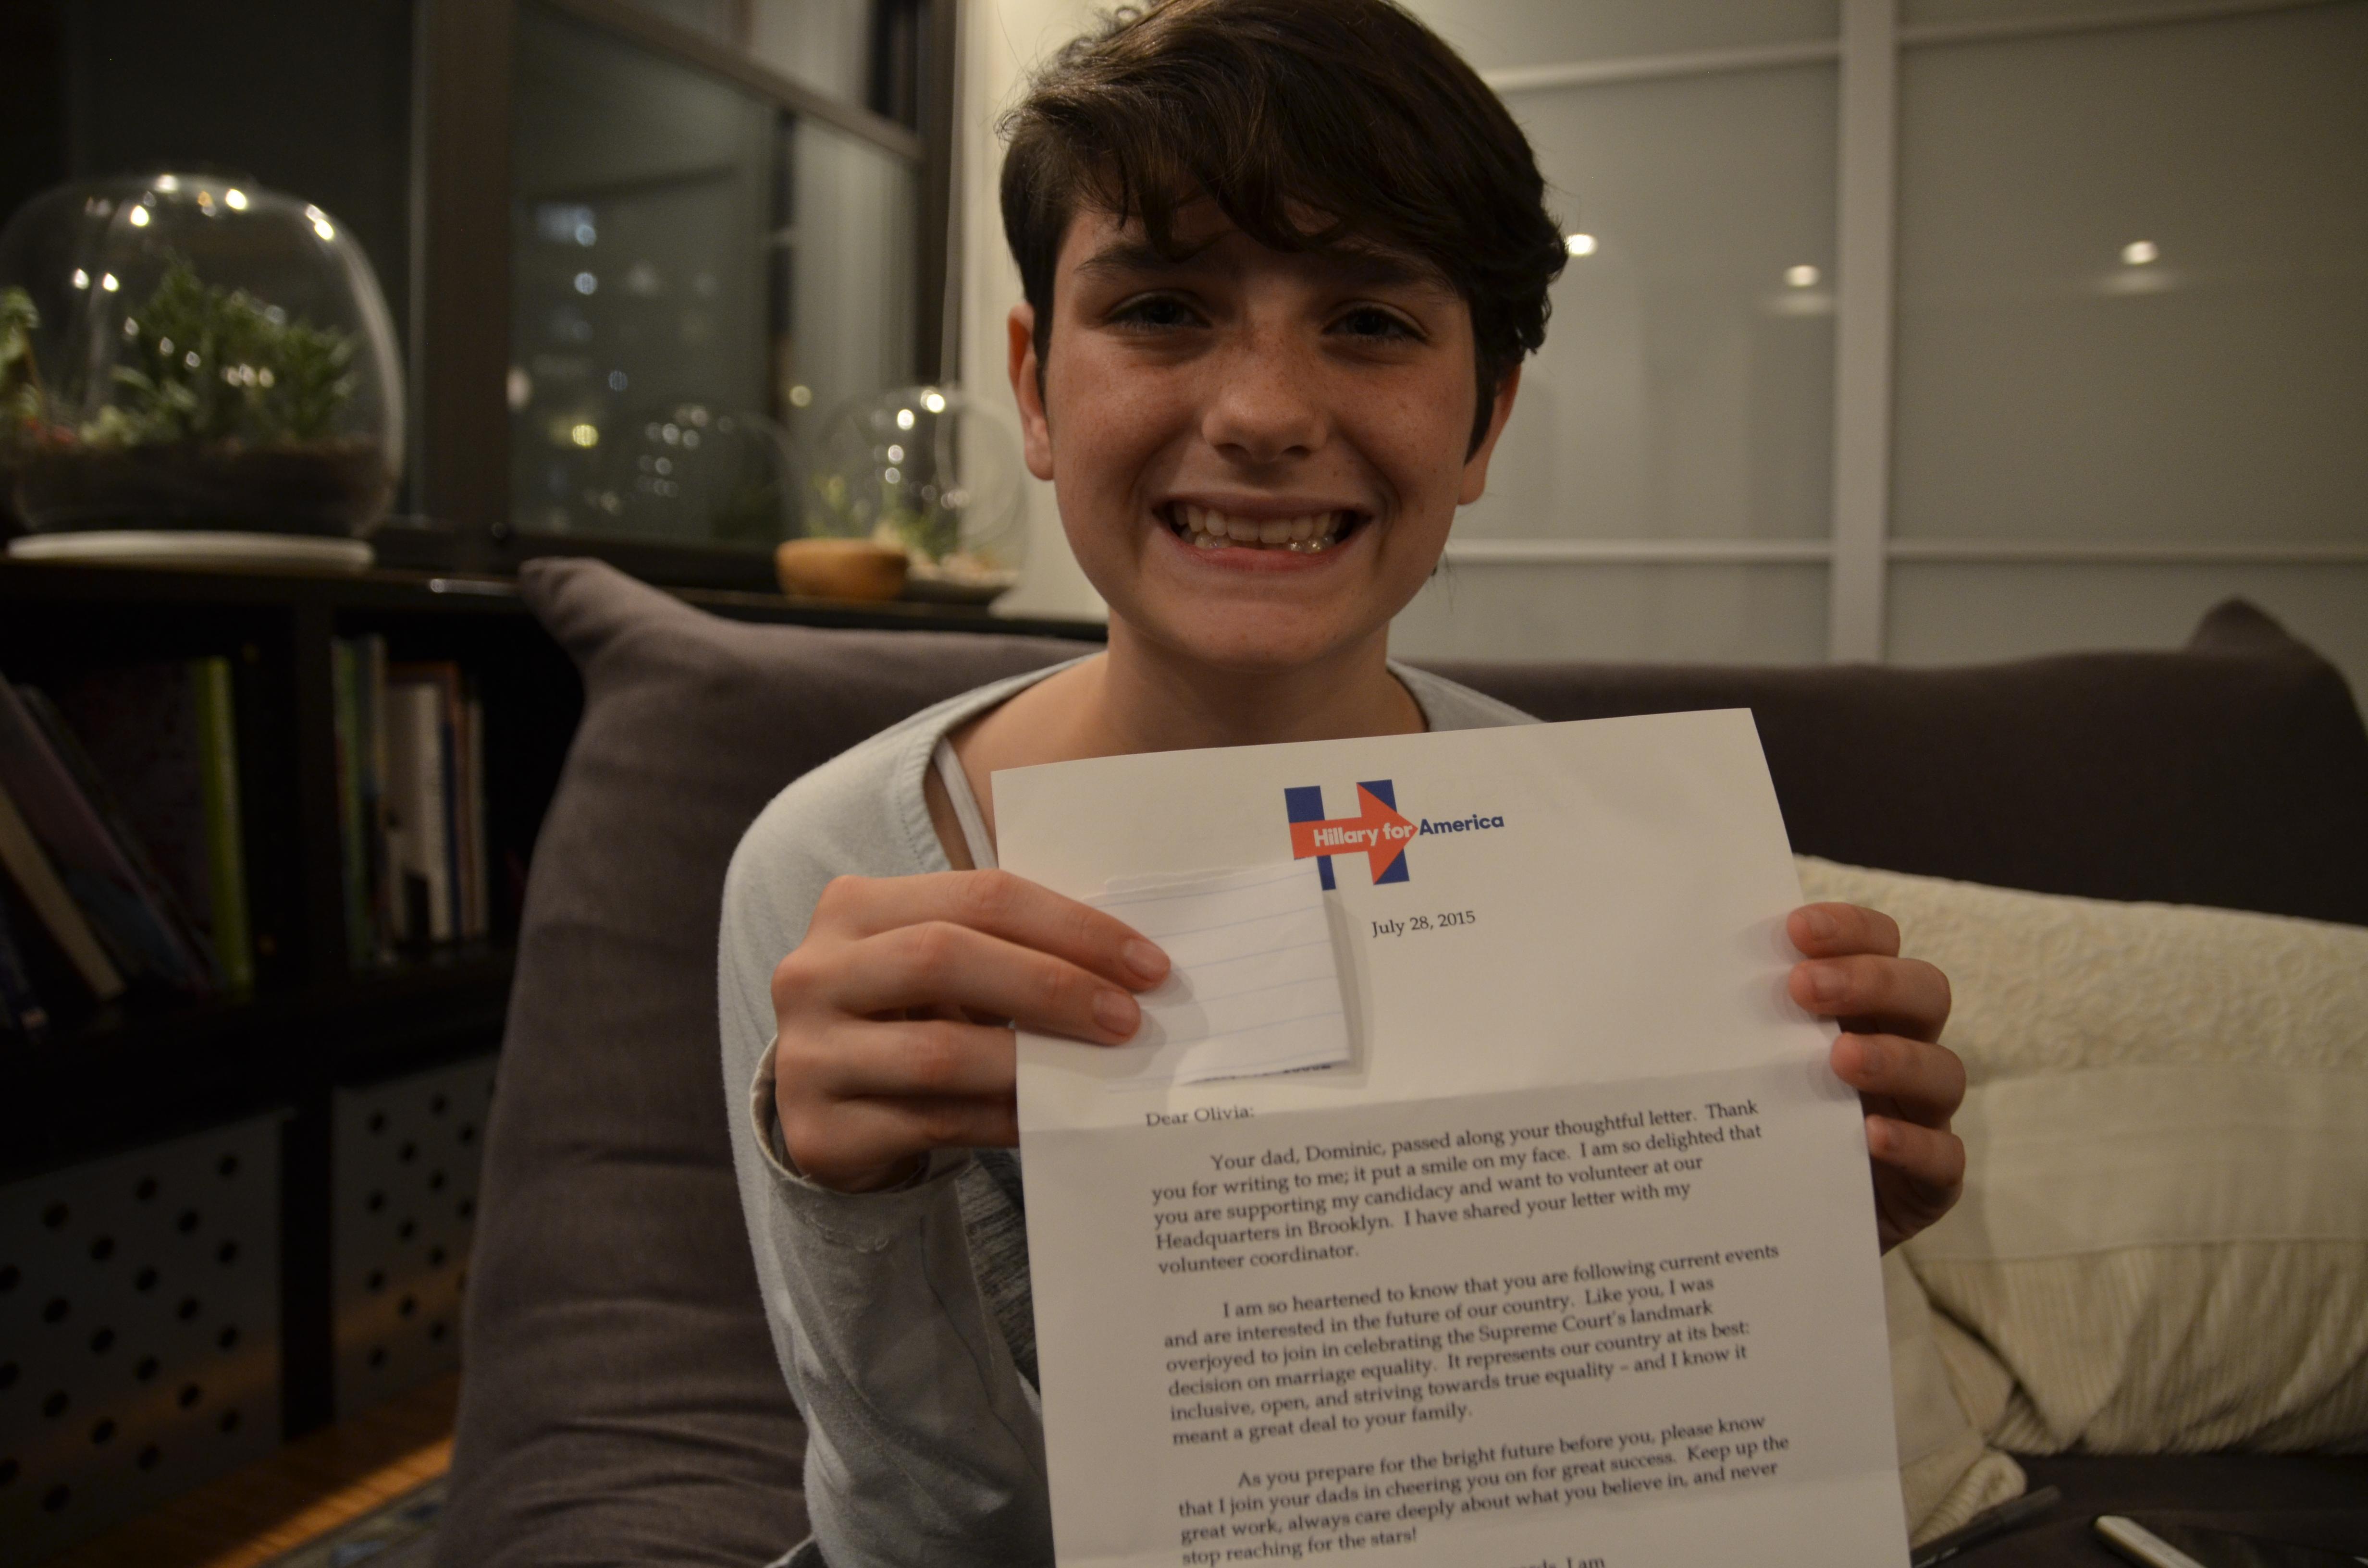 Meet Hillary Clinton's 12-Year-Old 'Little Feminist' Fan ...